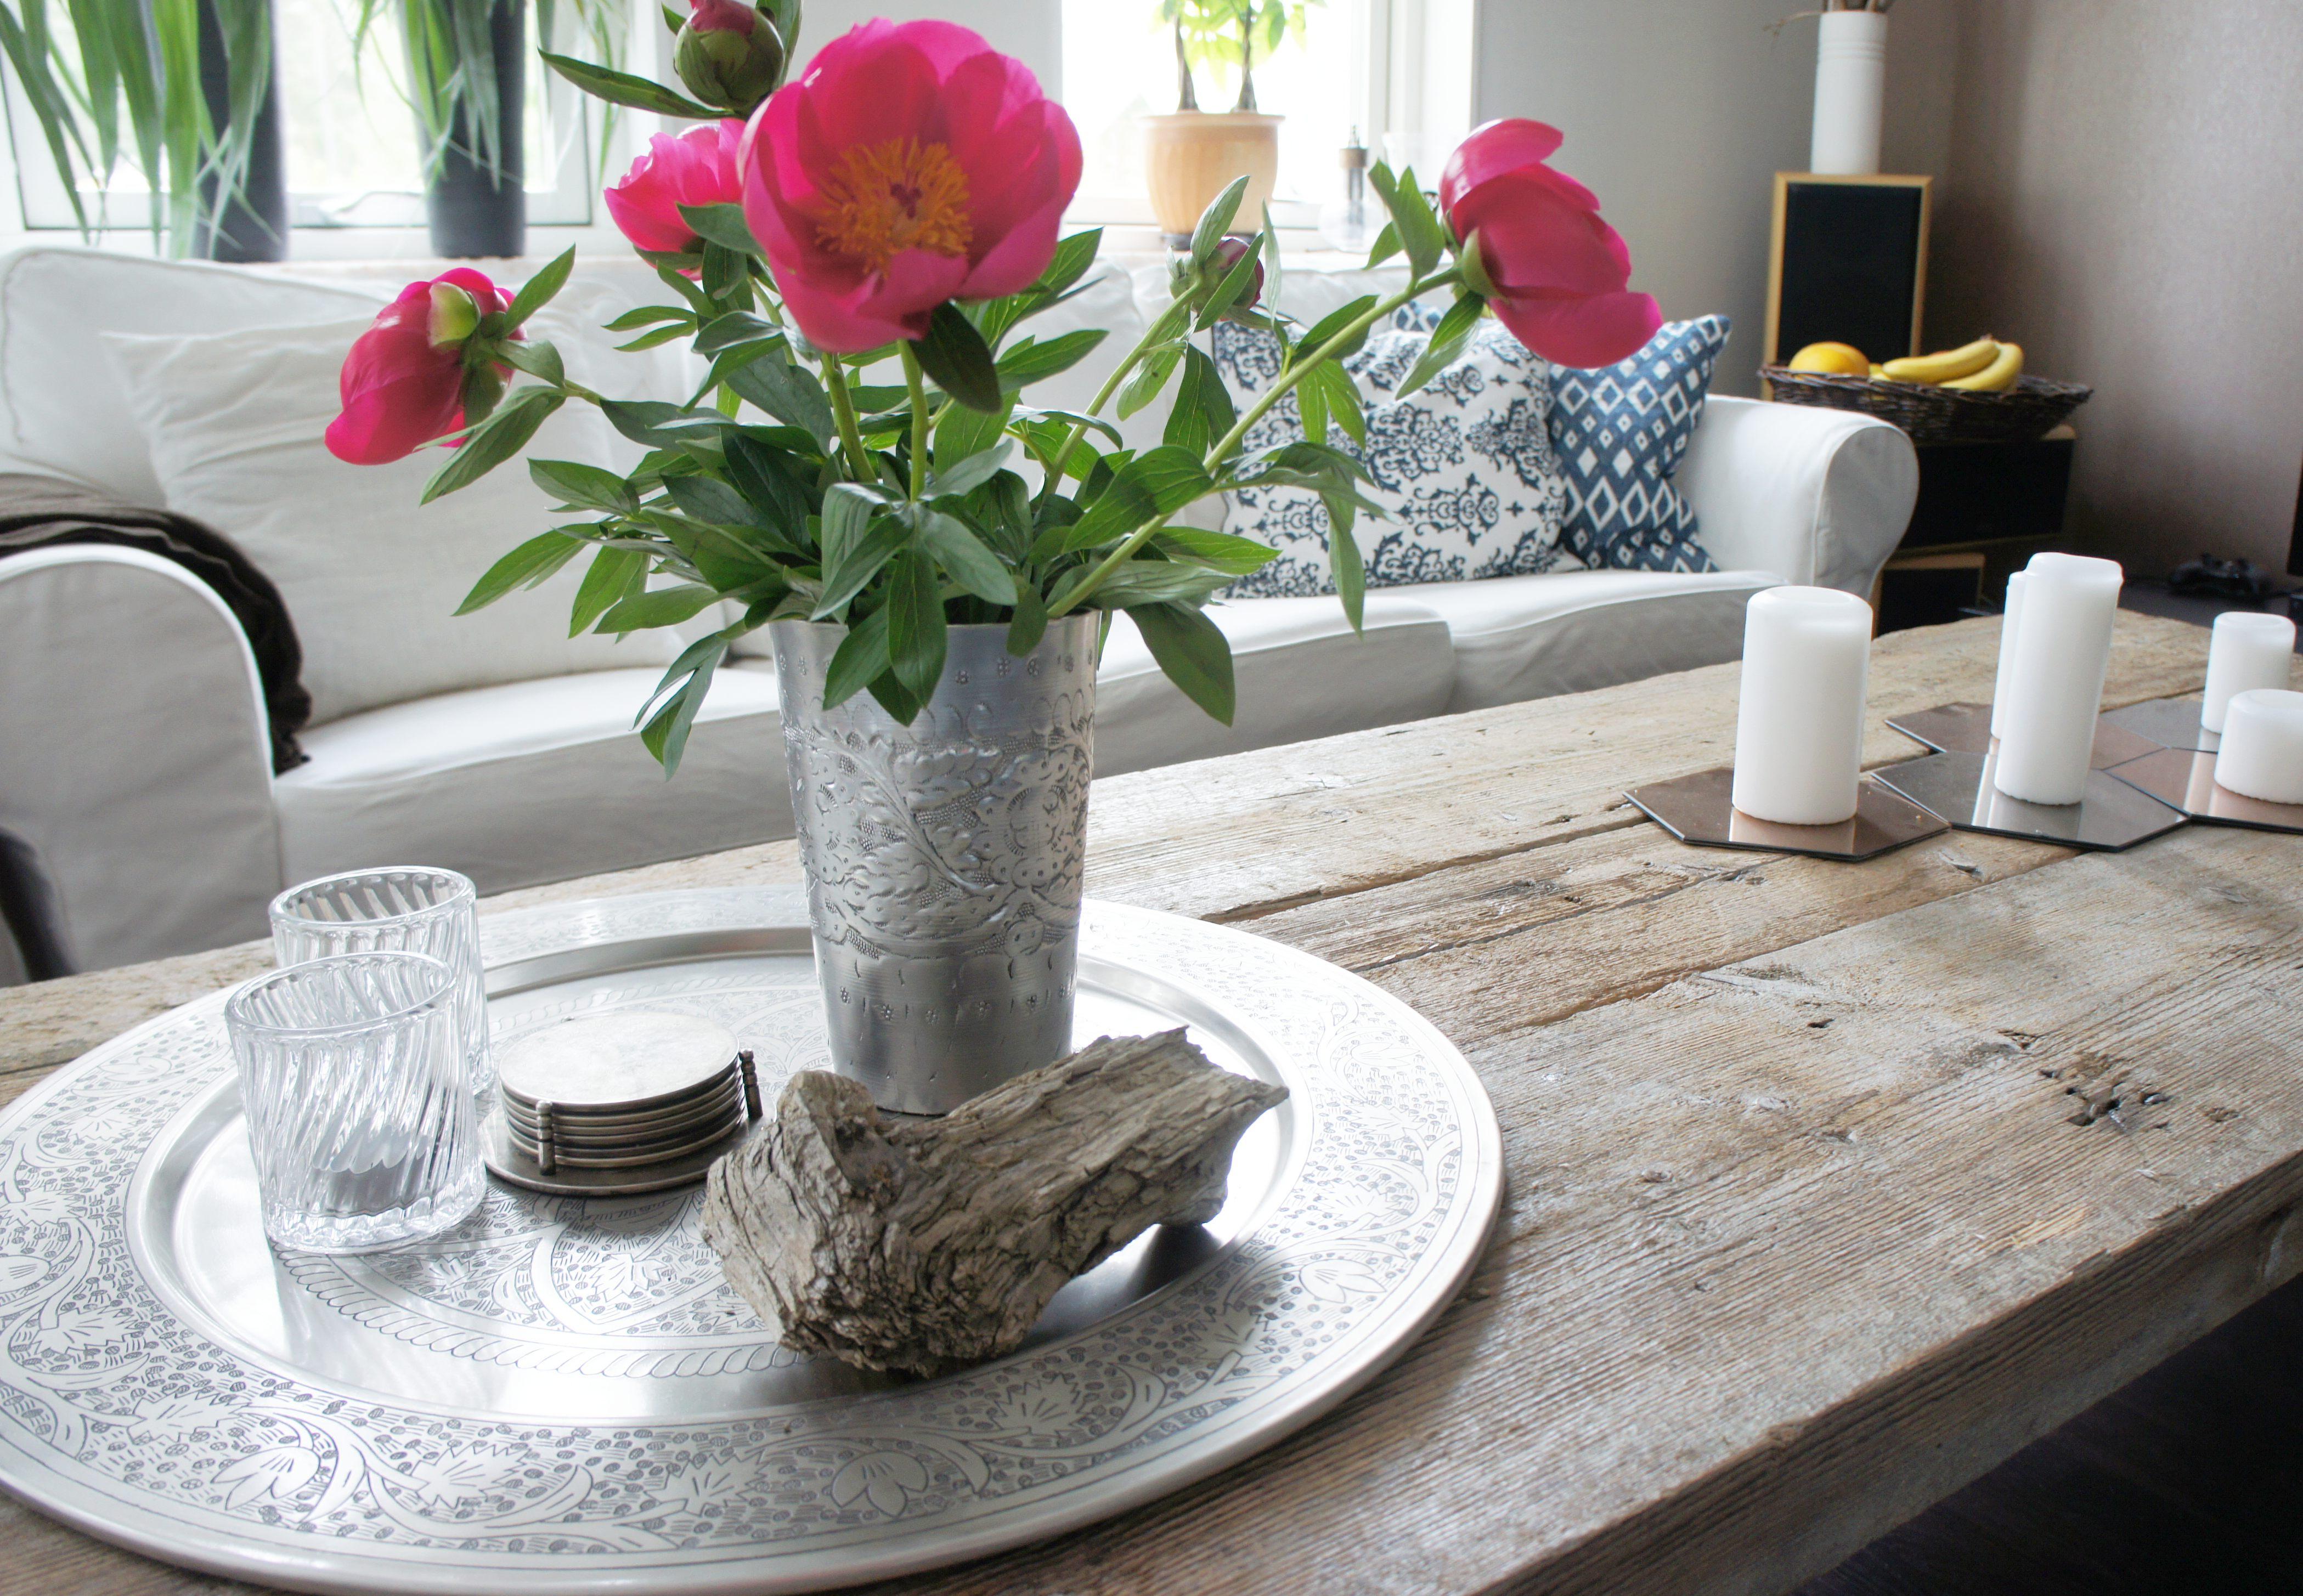 Ljusstakar TineK, Vas House doctor, ljus och speglar Ikea, kuddar Broste & Ceannis, bord egentillverkat